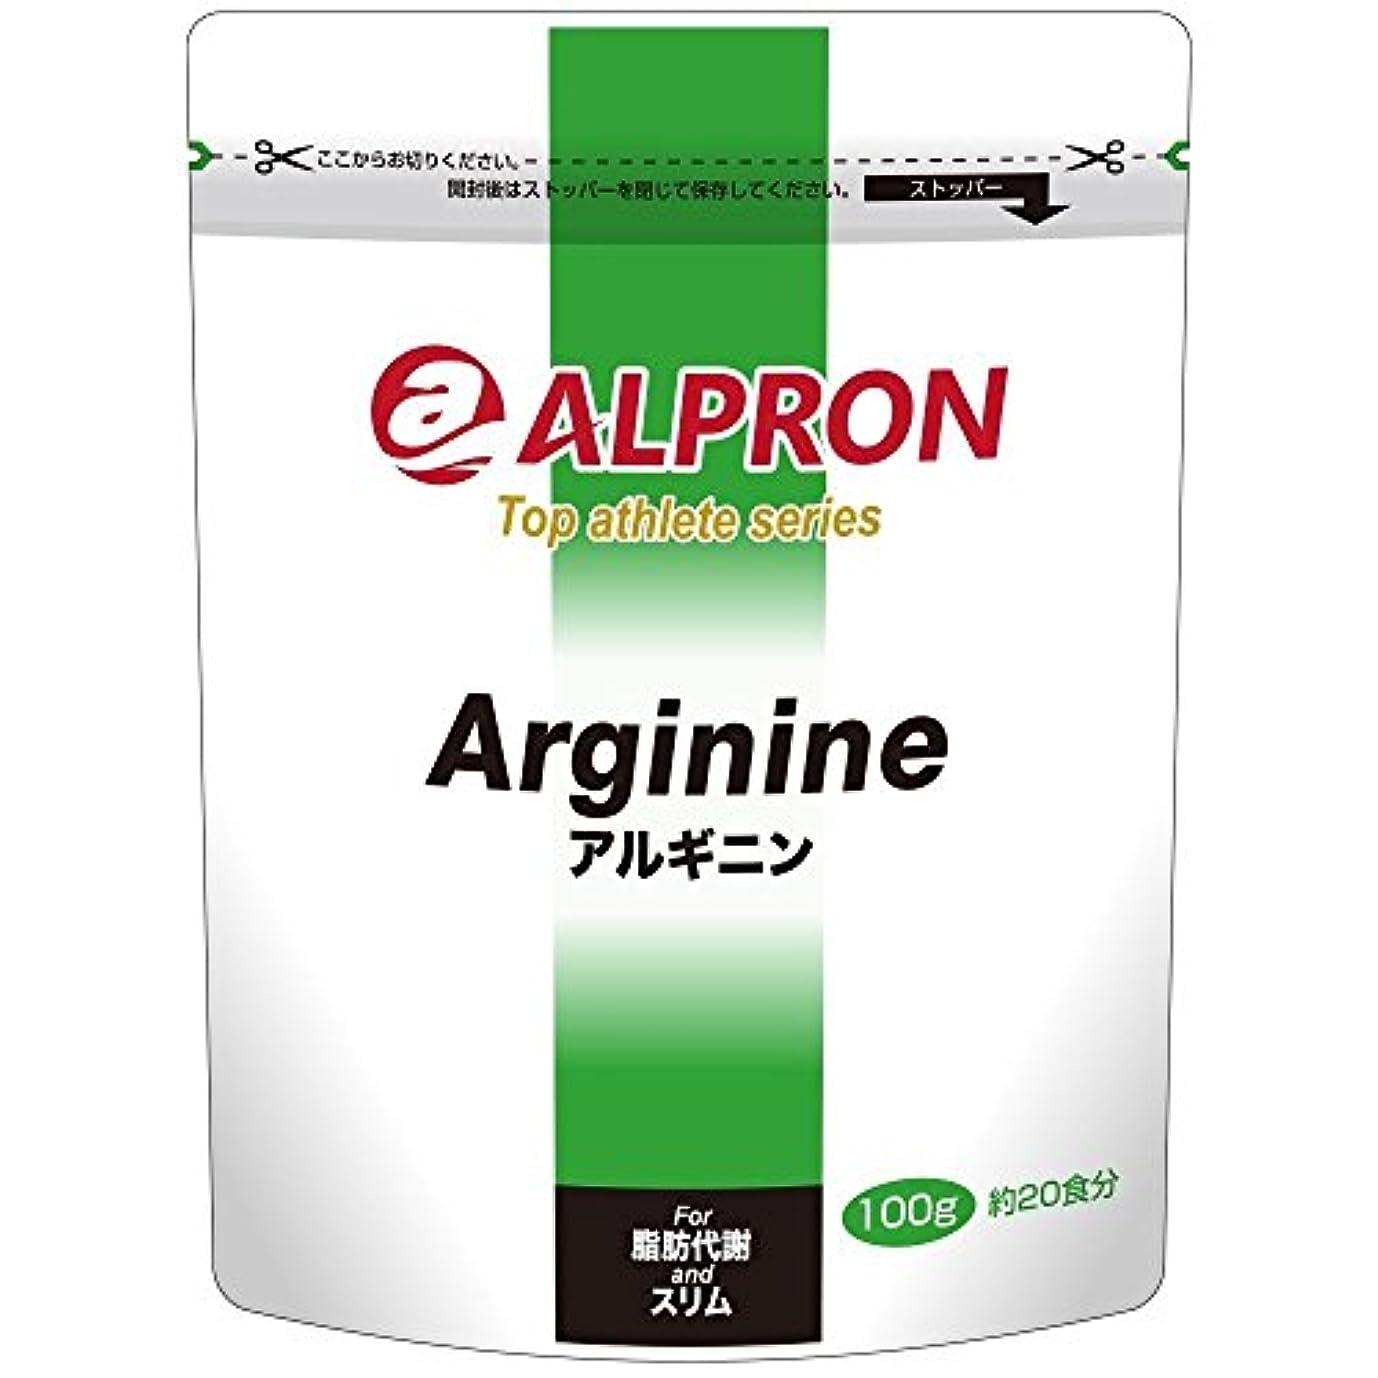 慎重噛む次へアルプロン -ALPRON- アルギニン(100g)